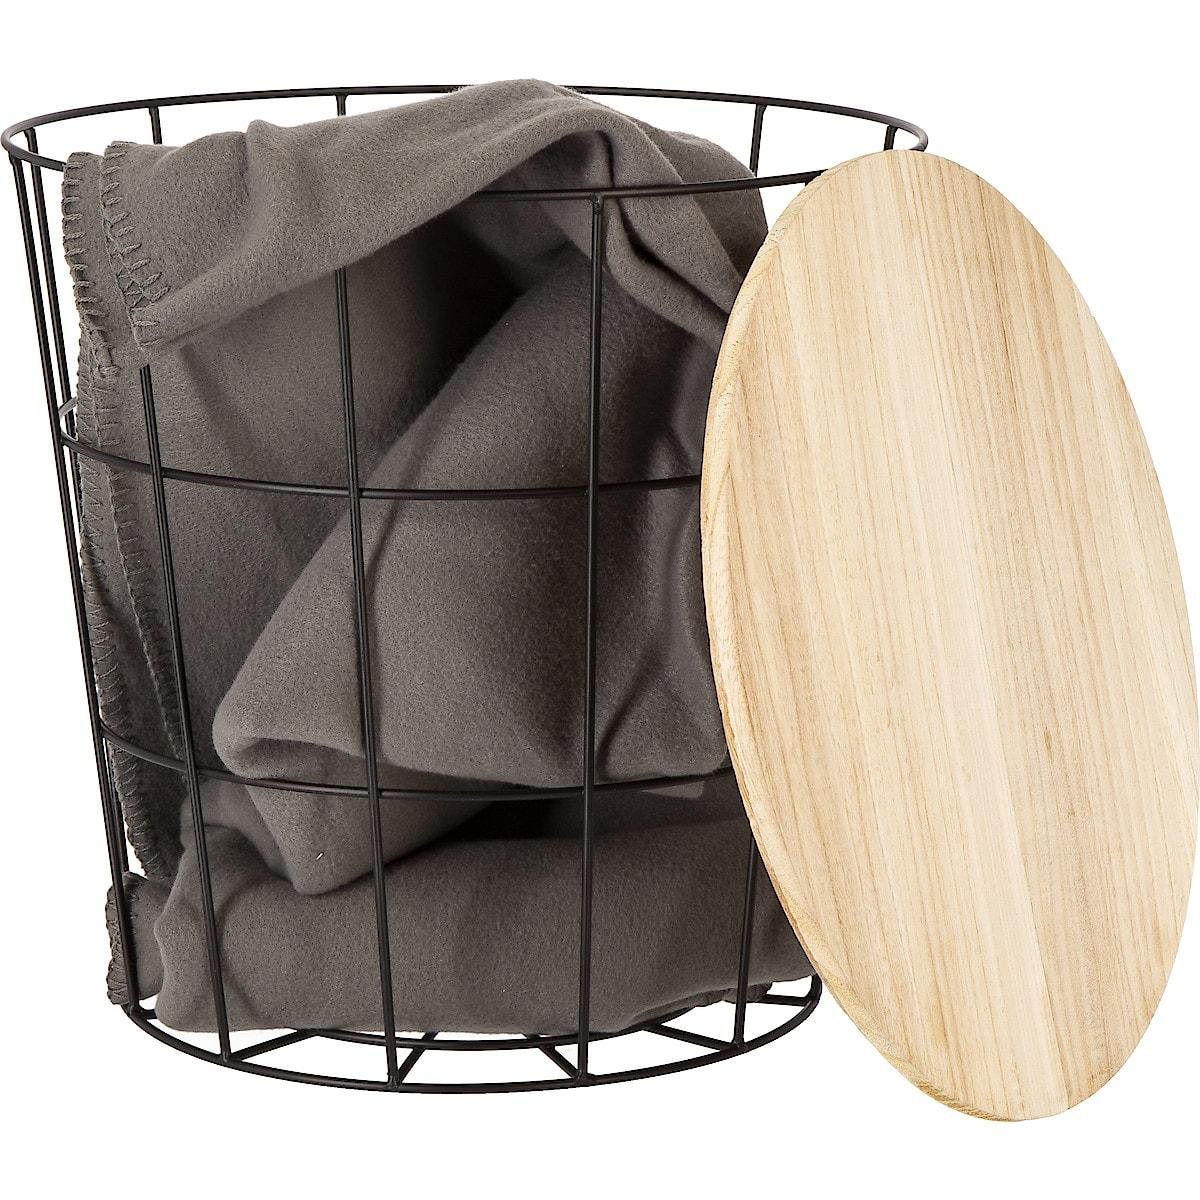 Avlastningsbord med förvaring, metall/trä